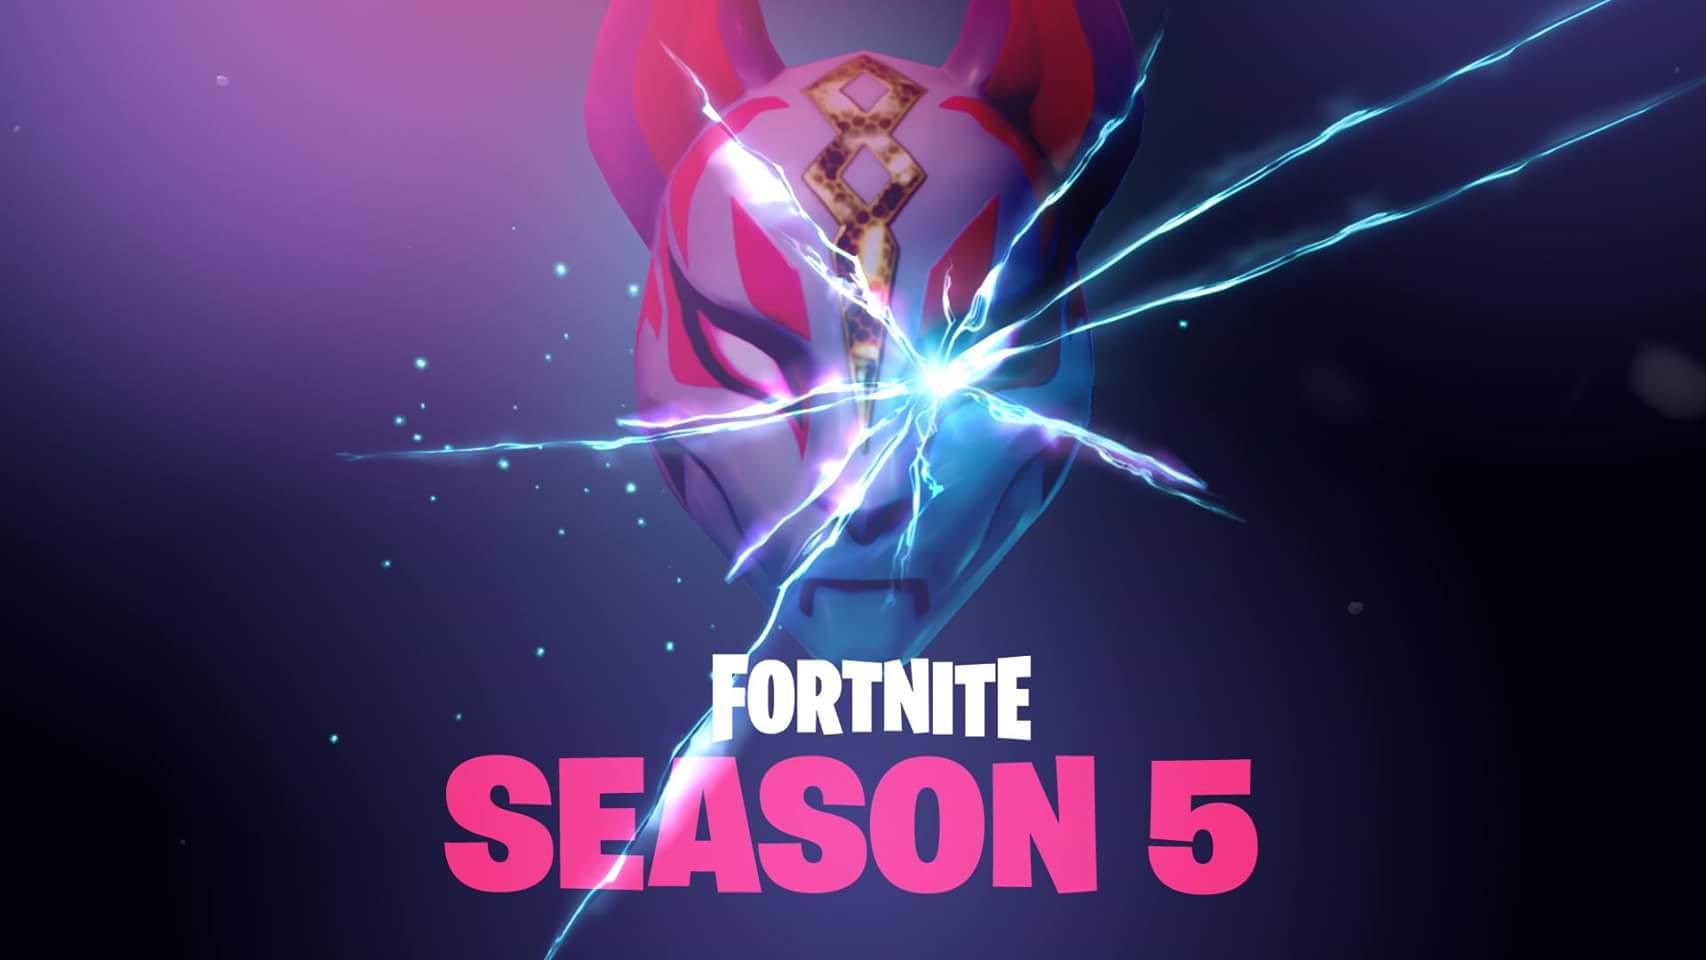 fortnite season 5 projectnerd.it